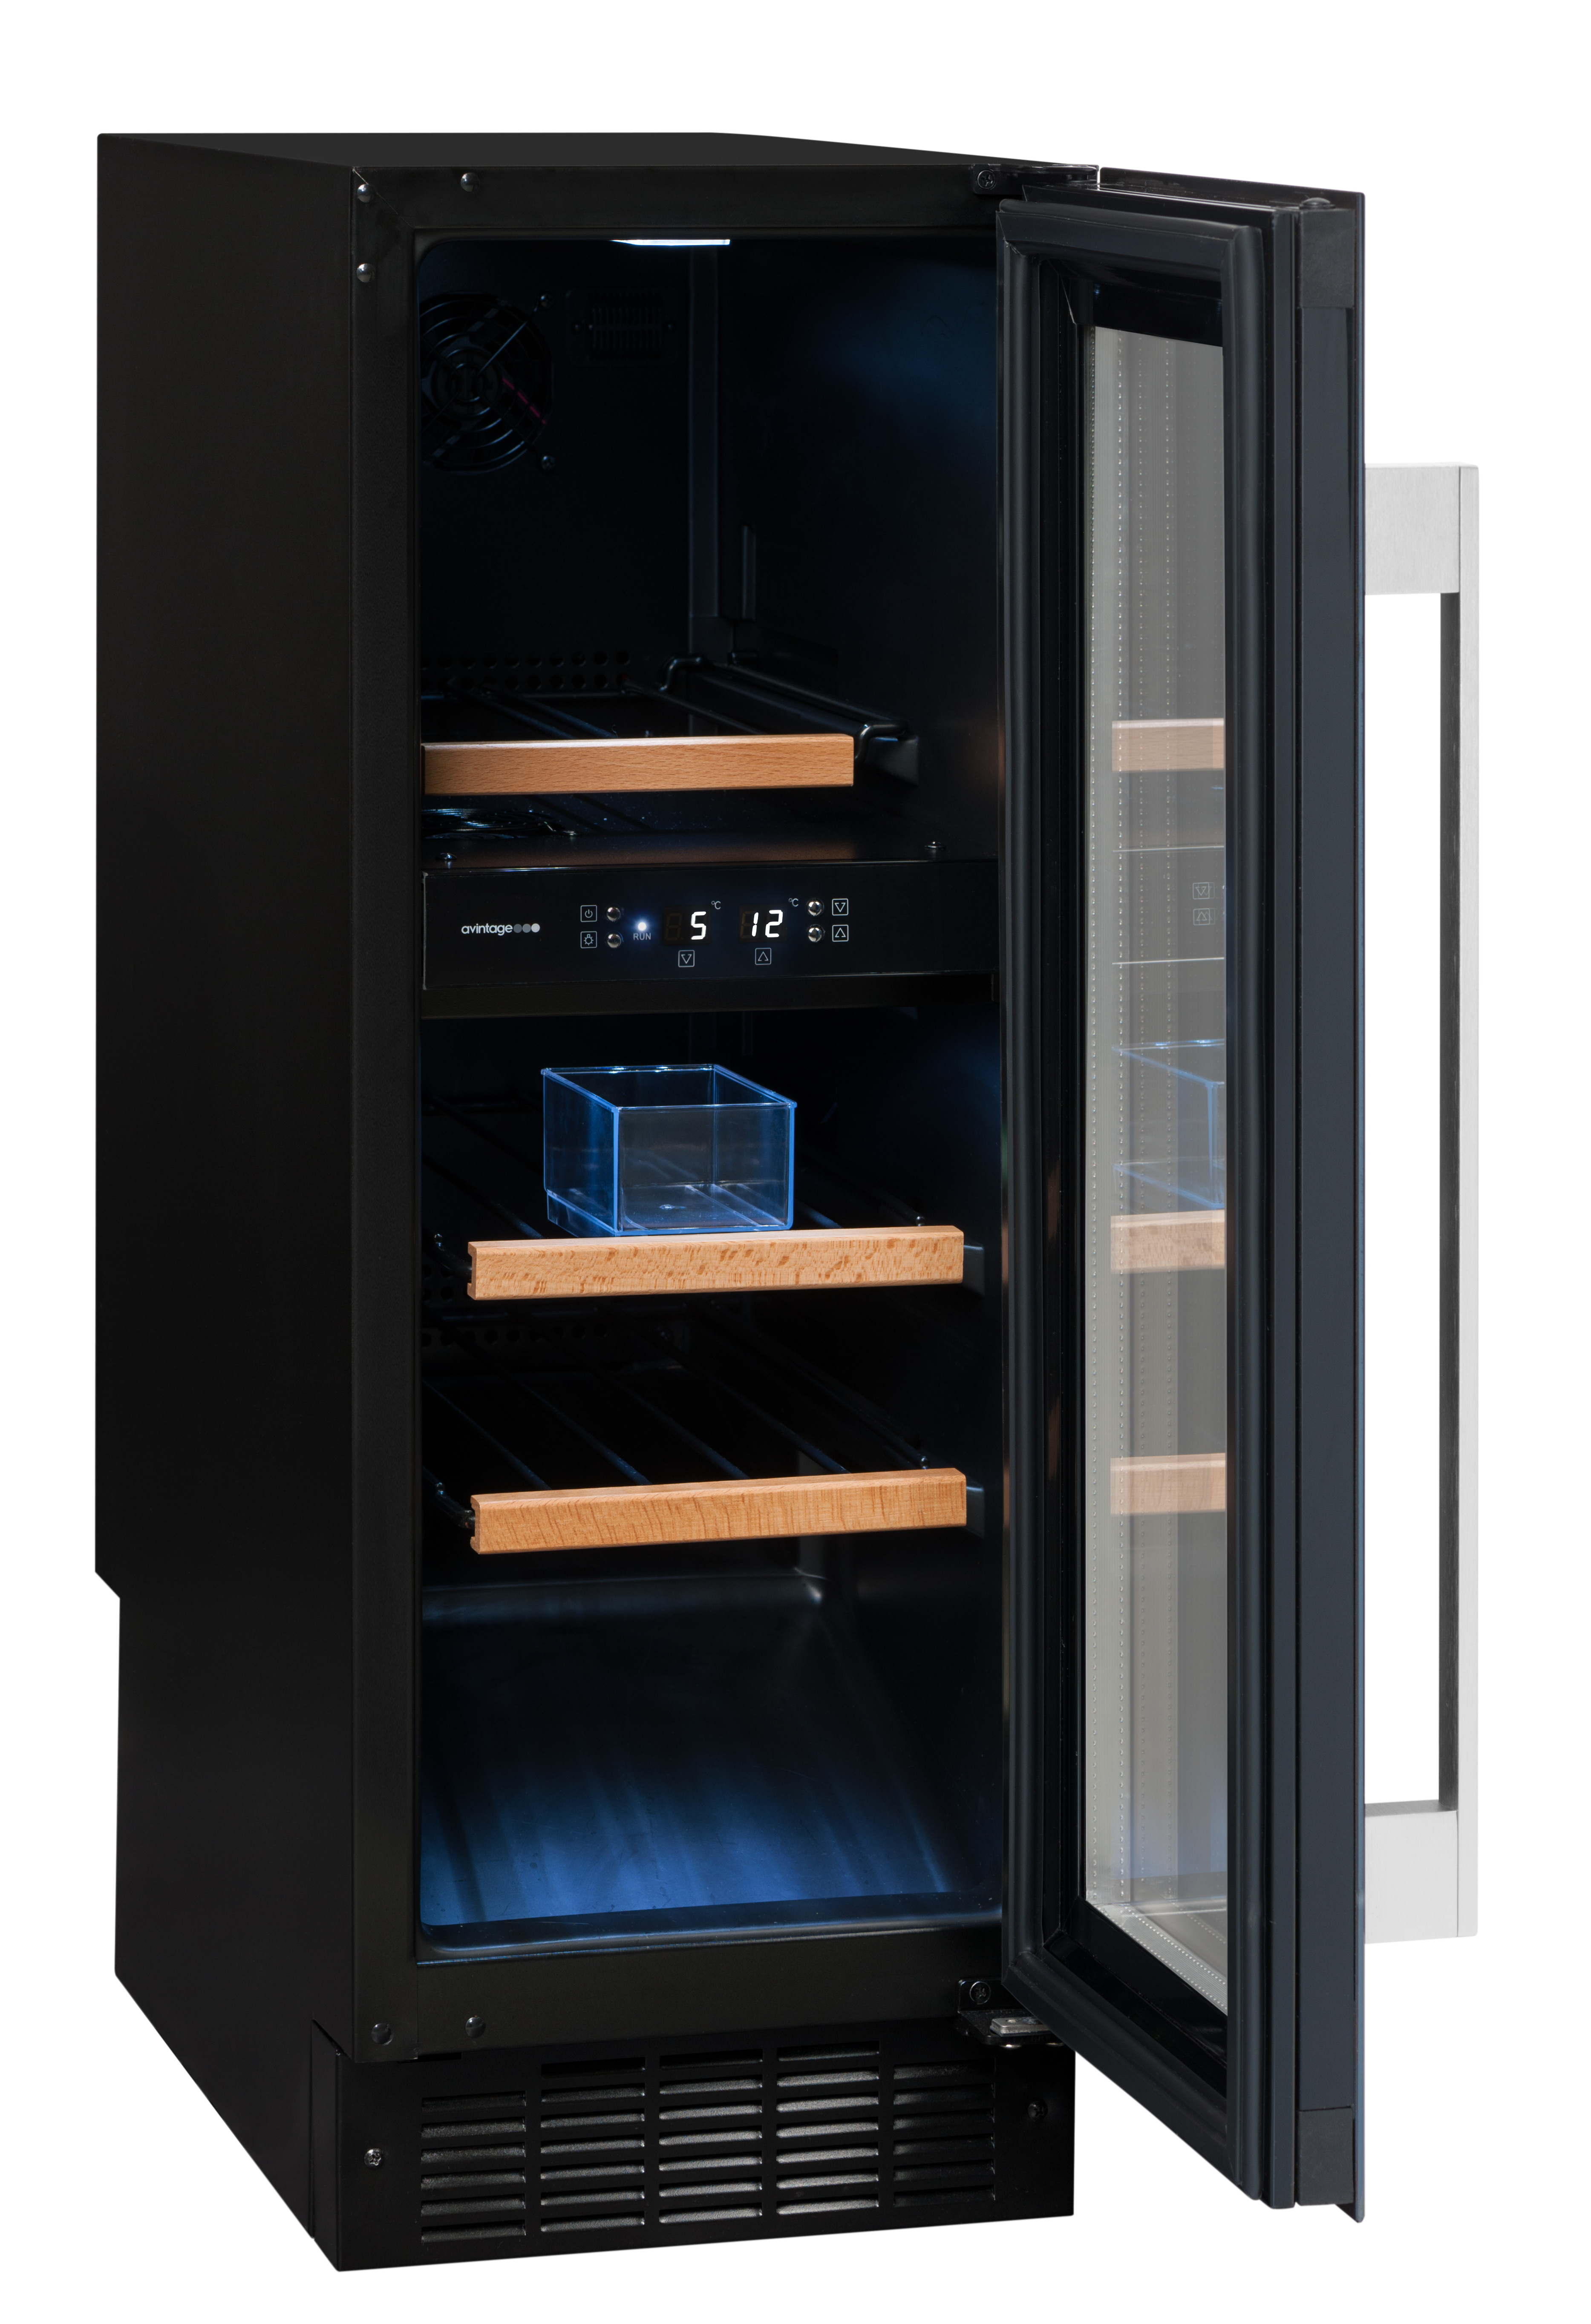 Avintage svart inbyggbar vinkyl med humidity box